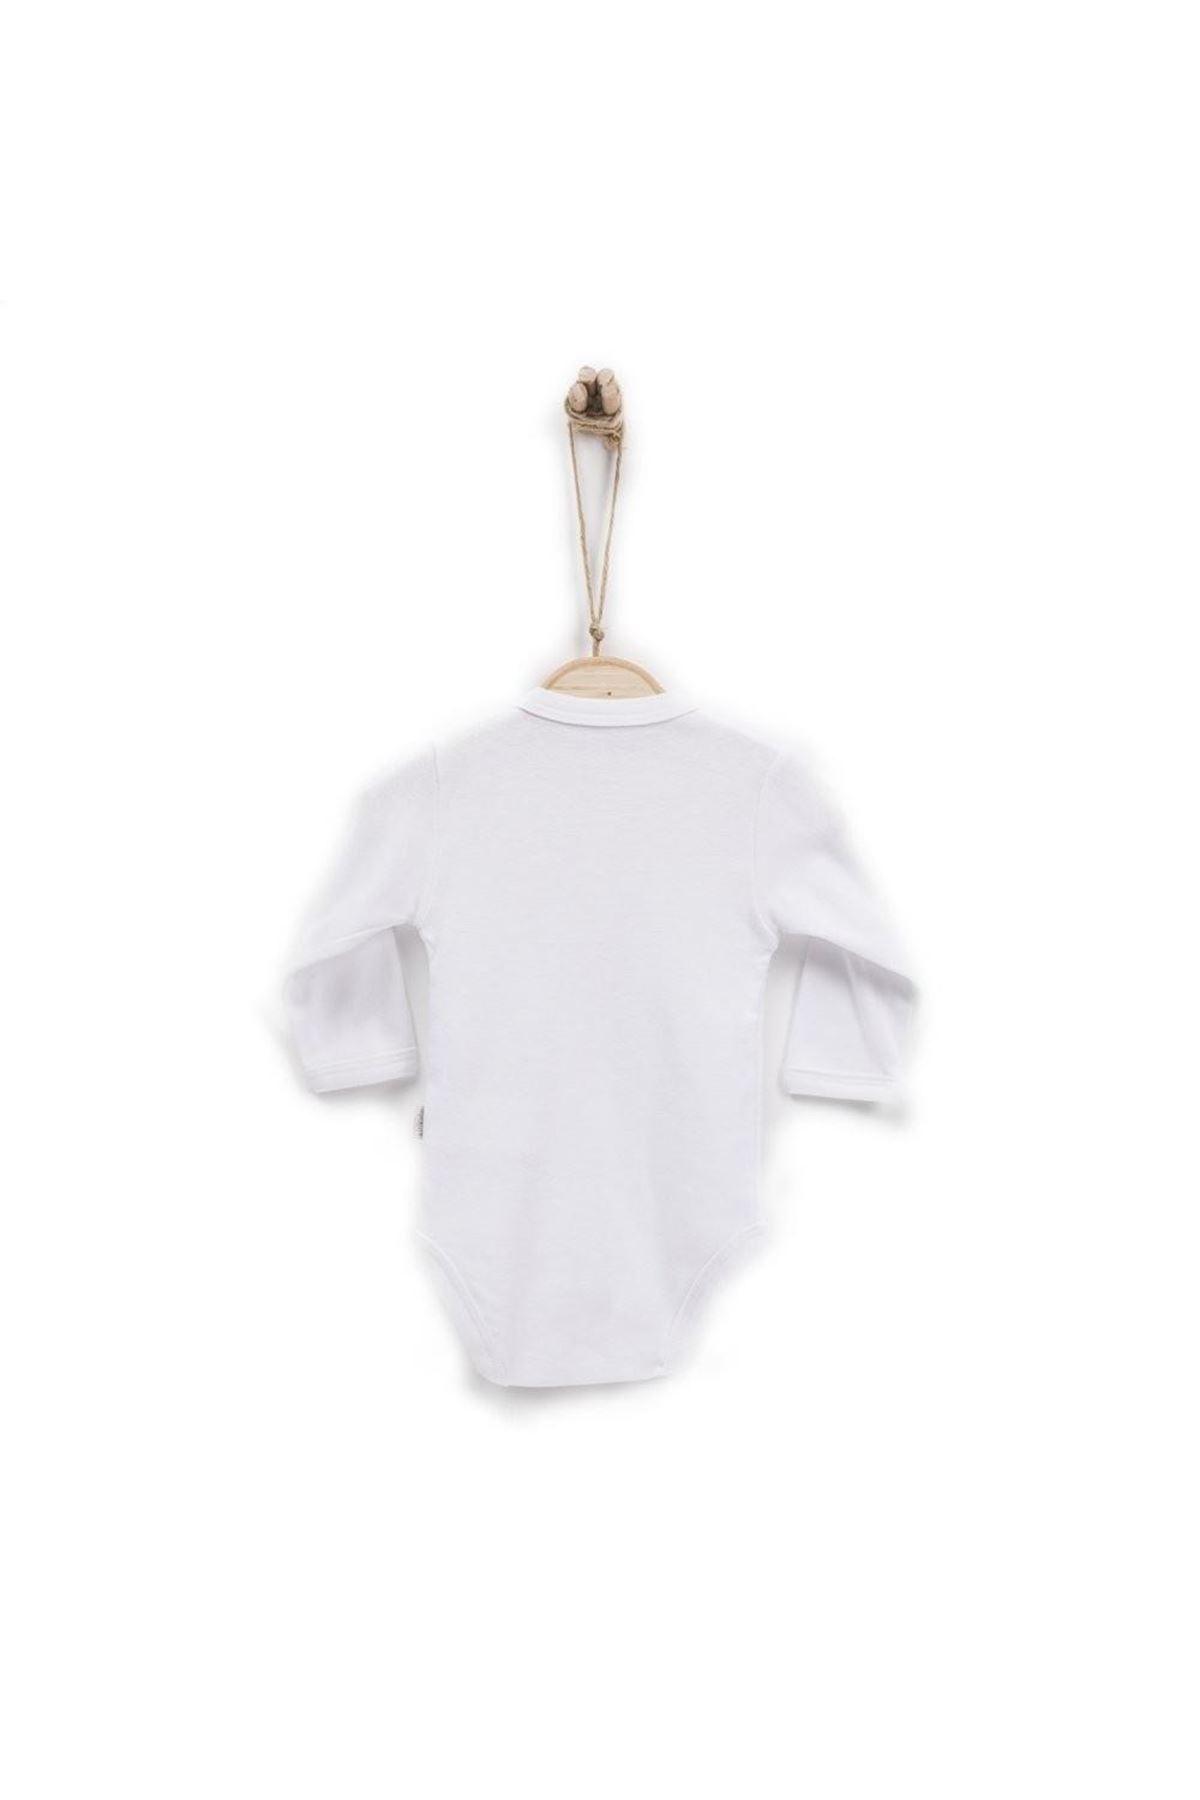 KitiKate Organik Uzun Kol Bebe Body 76582 Beyaz